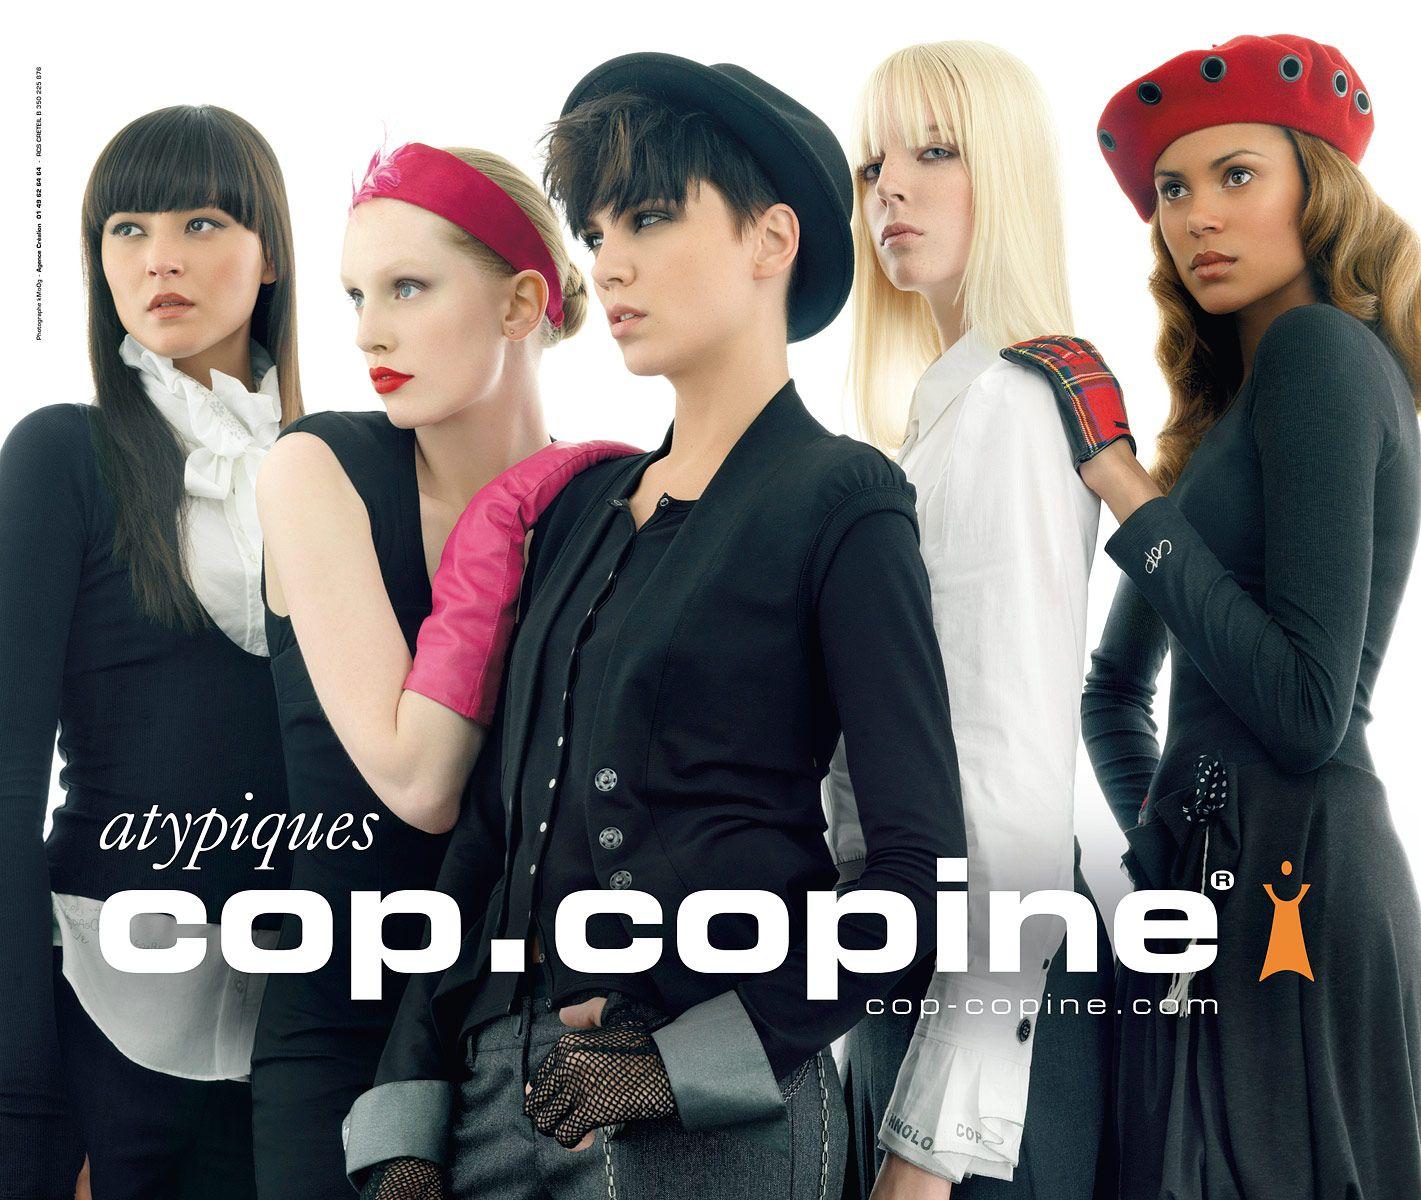 Свитера Cop.Copine